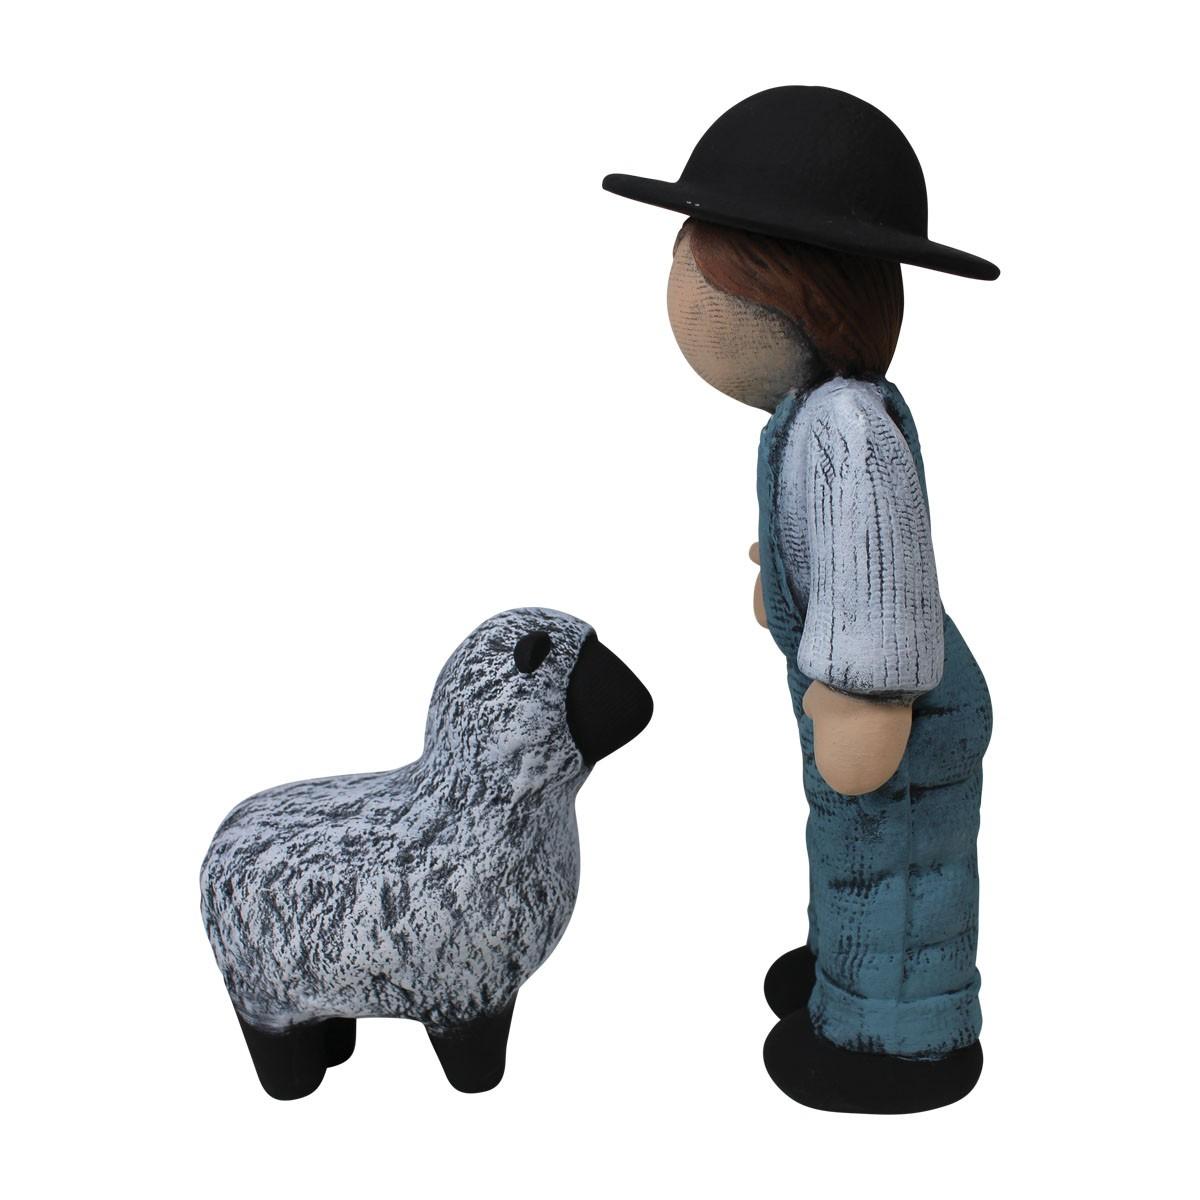 Boy and Sheep Figurine Blue Ceramic 8 34H Figurines Figurine Ceramic Figurines